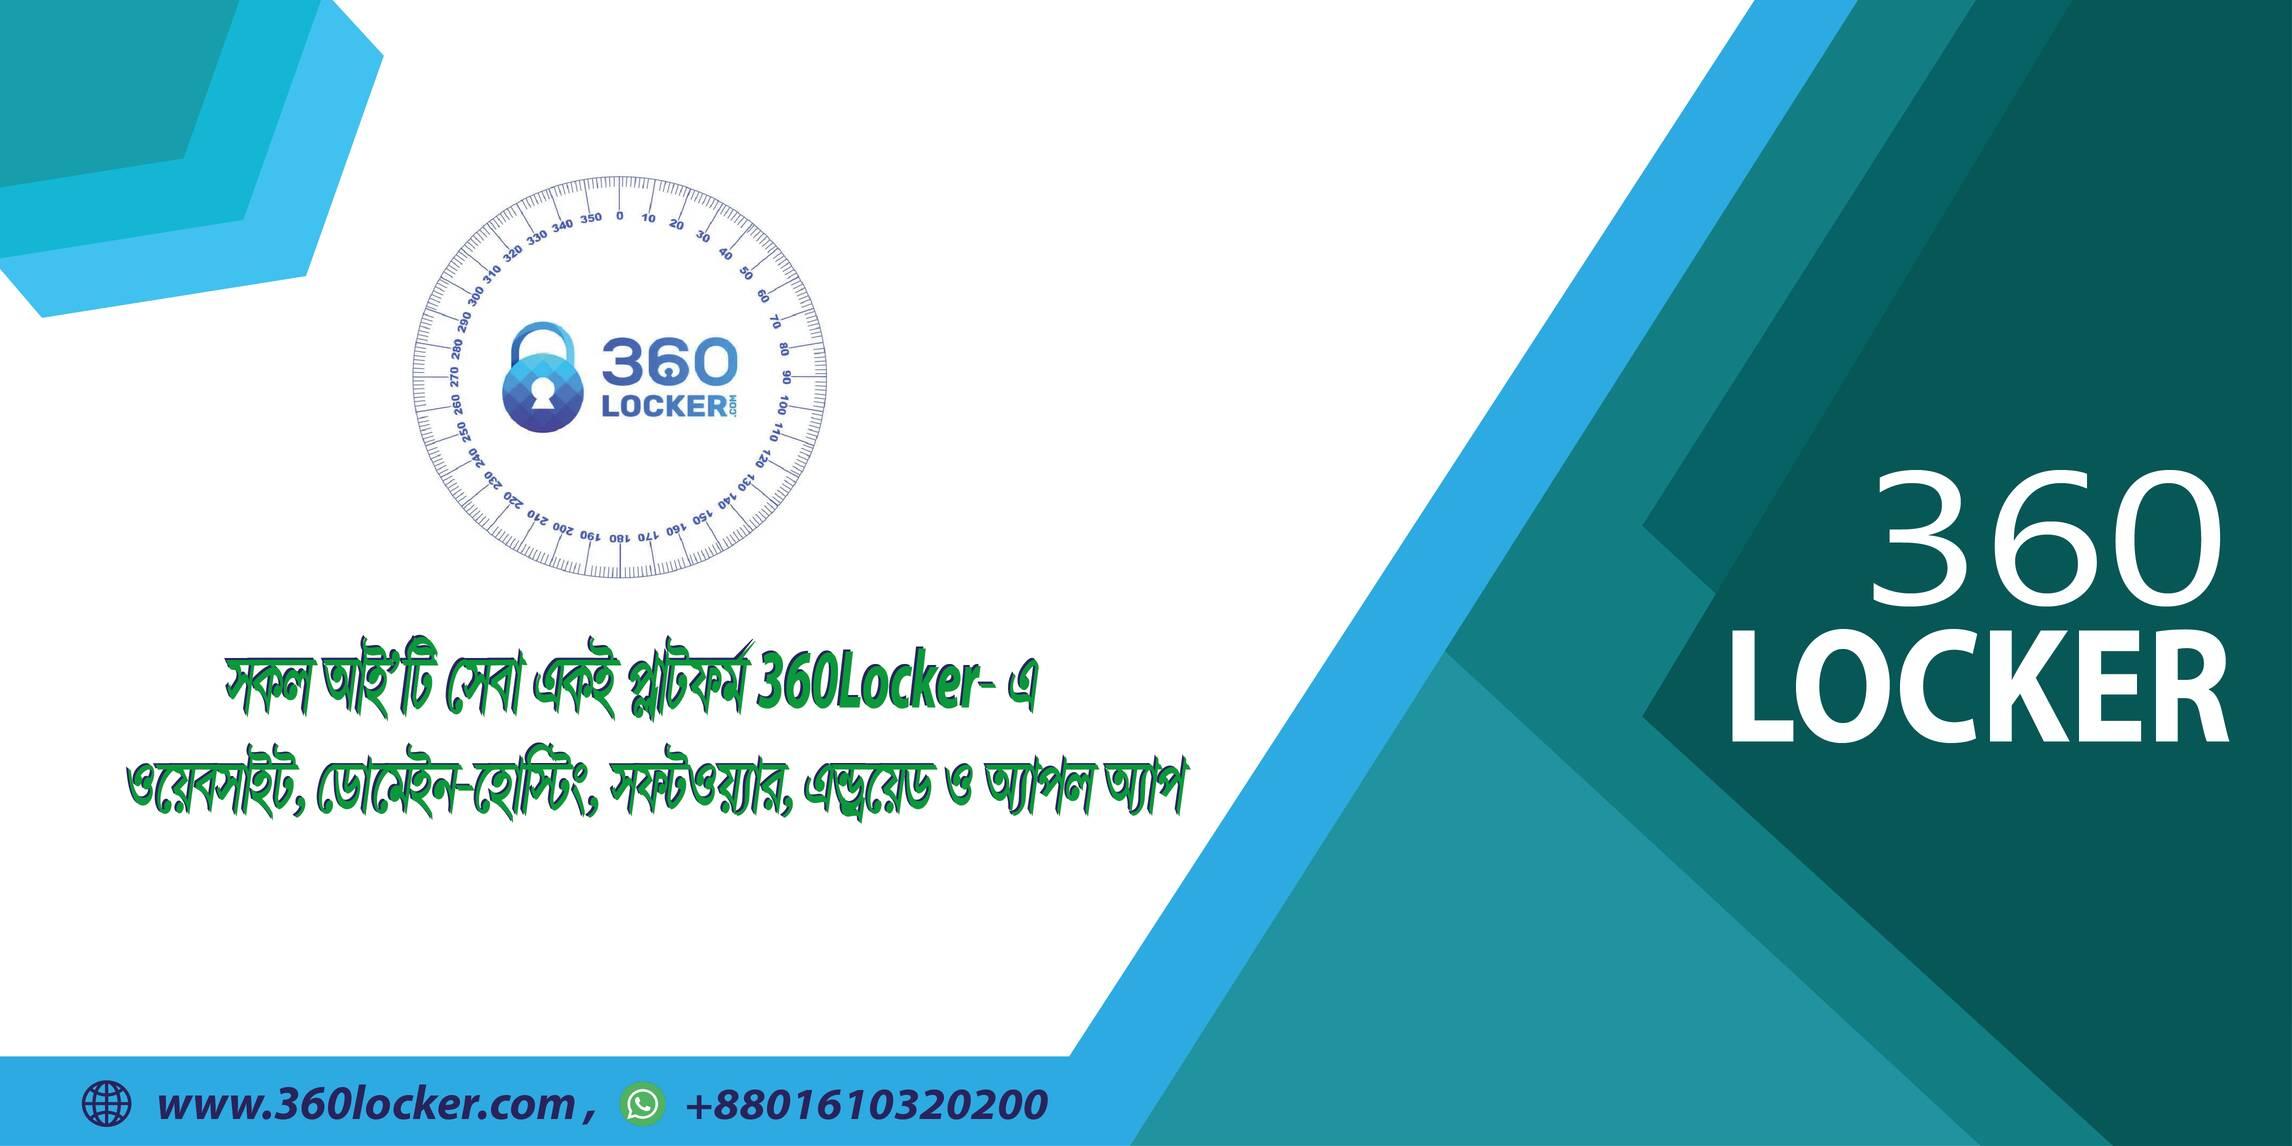 360Locker